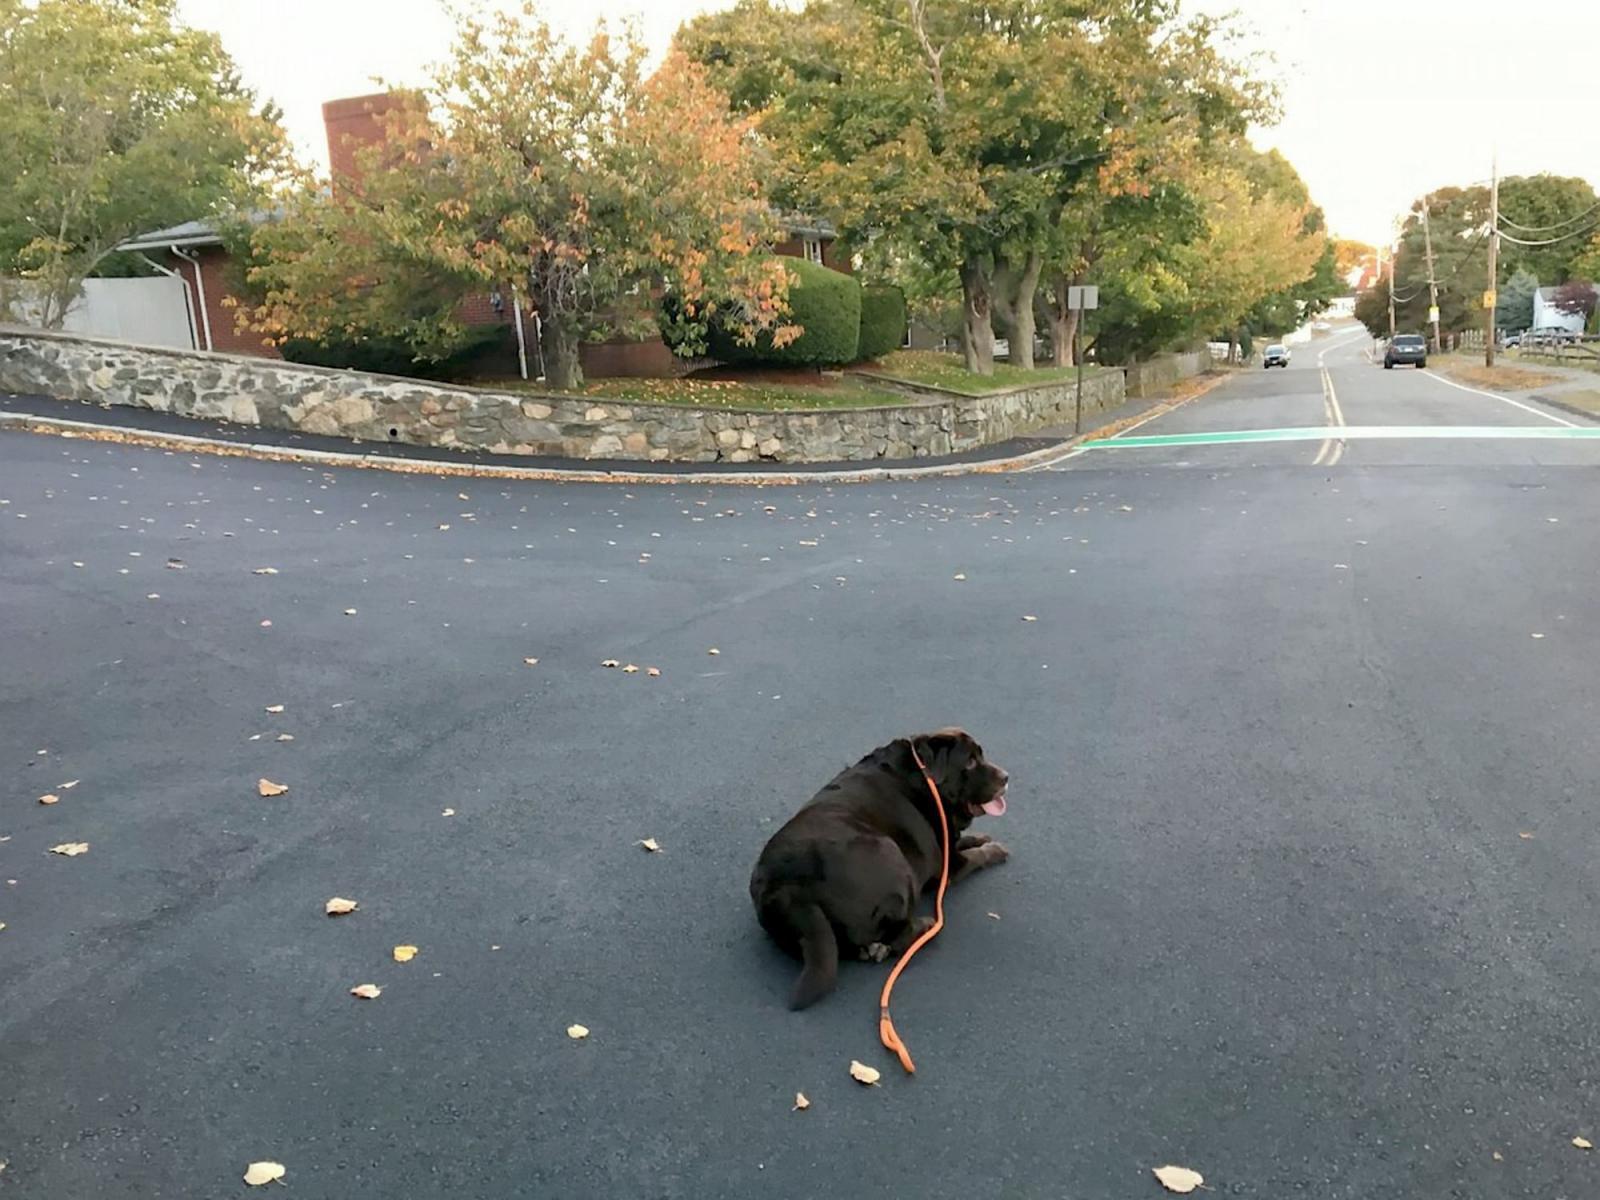 chien obese allongé